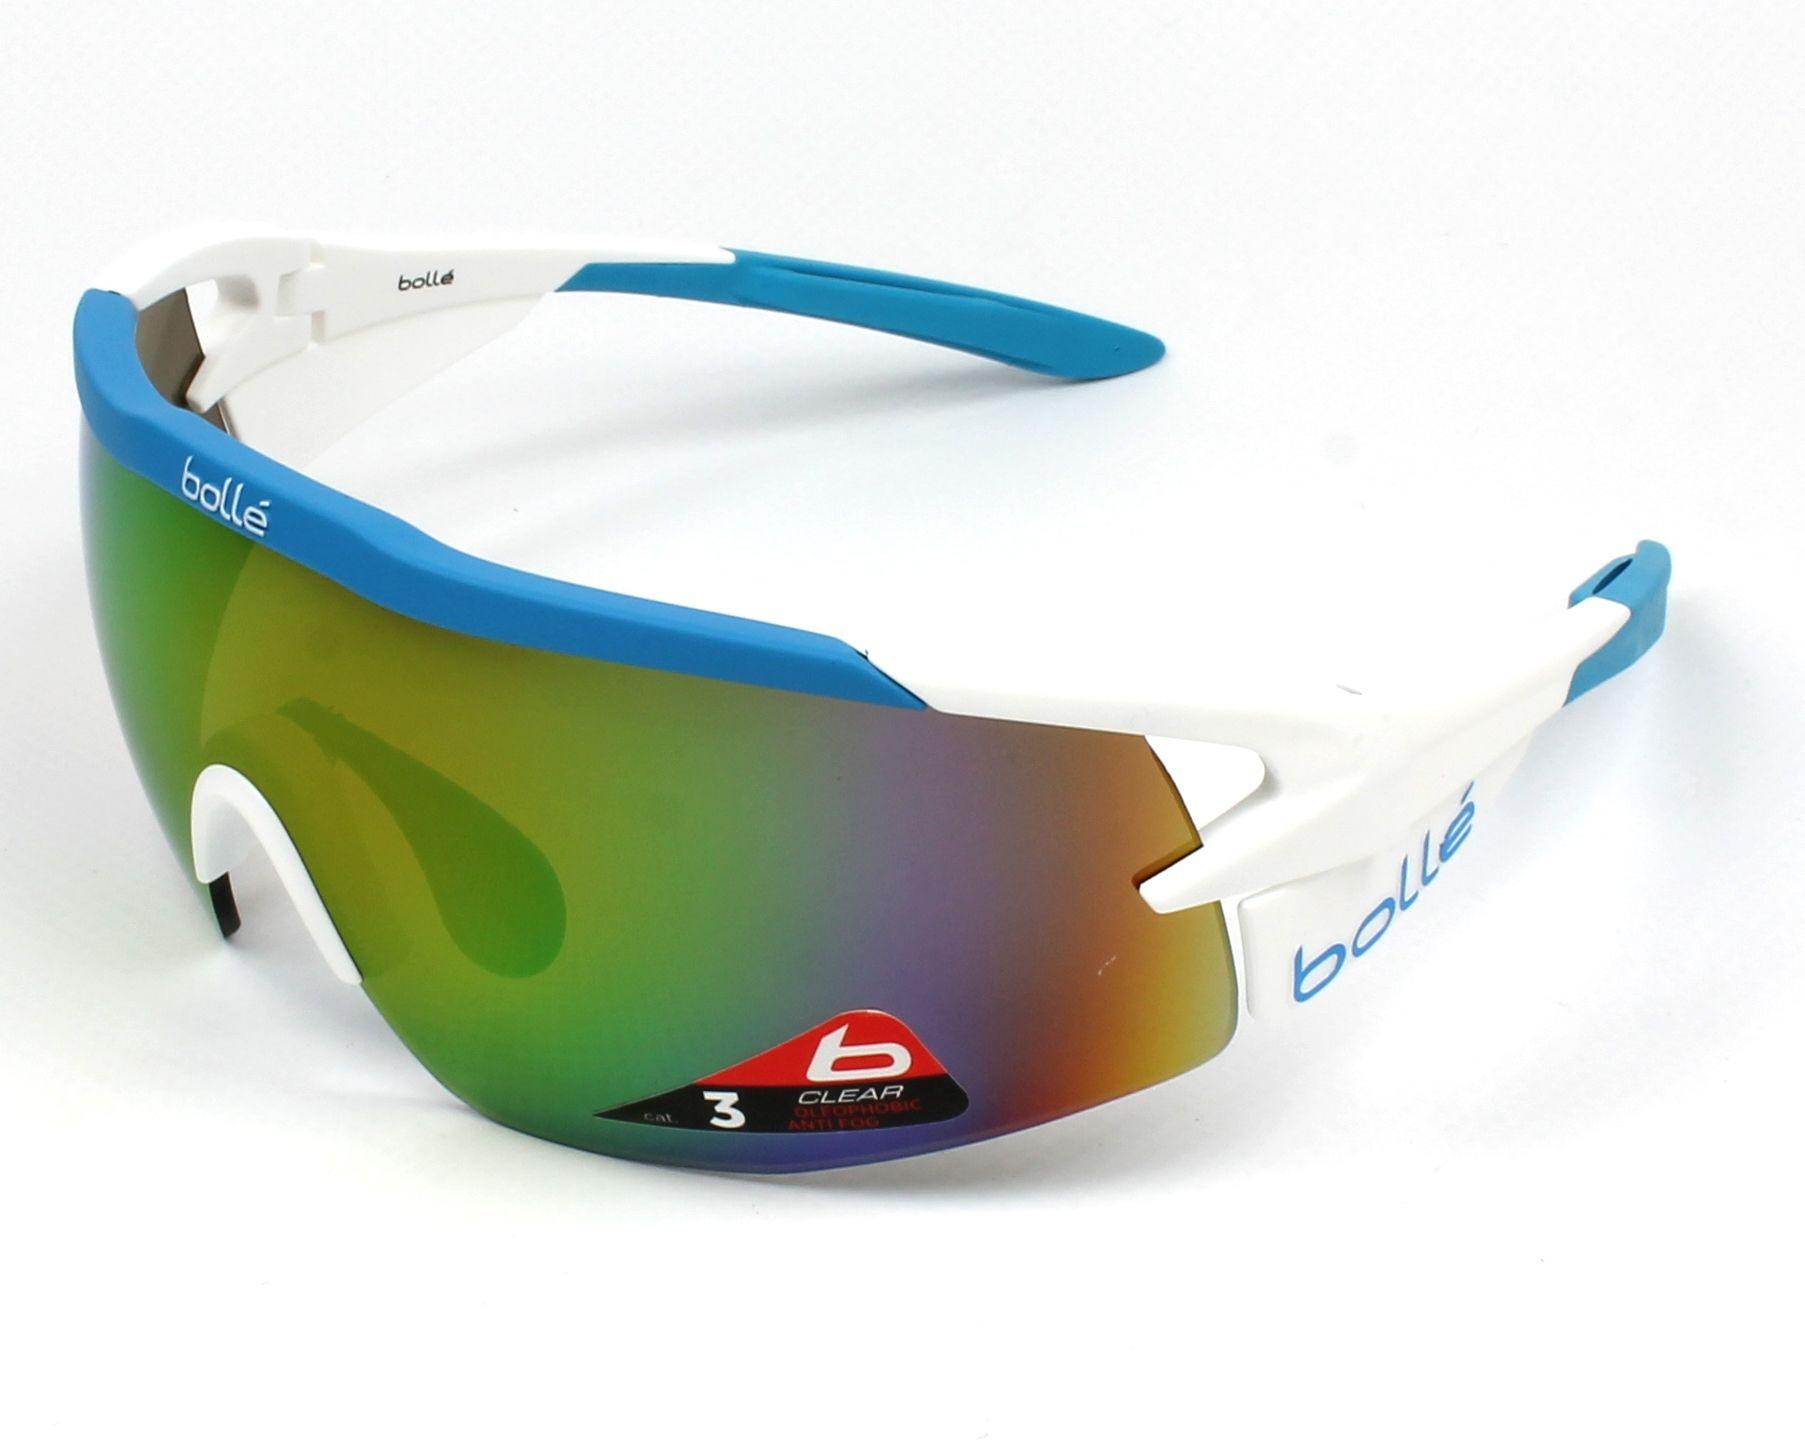 a00472f23f Sunglasses Bollé AEROMAX 12309 74-18 White Blue profile view